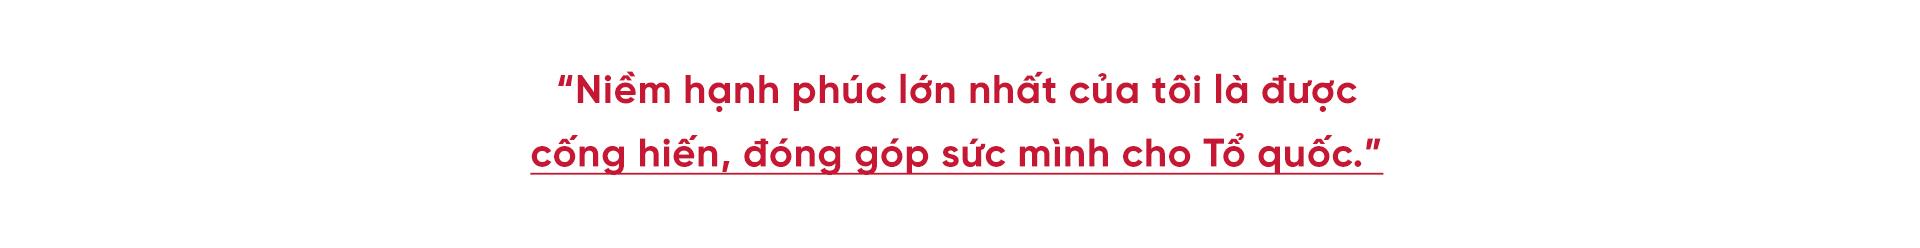 Tỷ phú khuyết tật Lê Văn Công: Từ anh chàng 0 đồng đến ông chủ 100 triệu/tháng